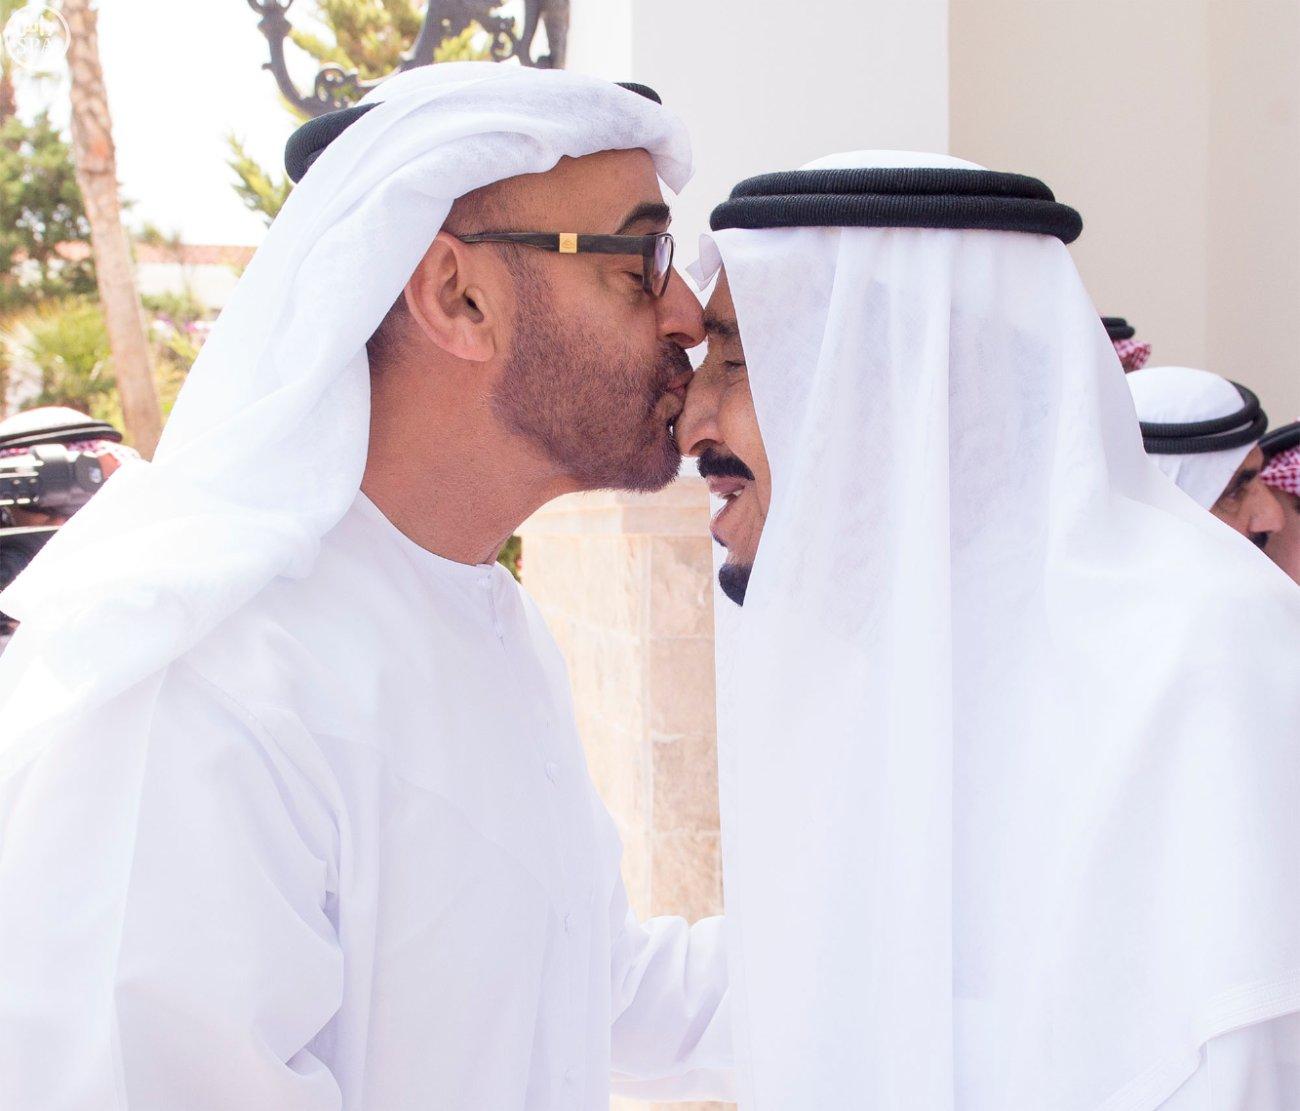 صحيفة قطرية تزعم: الإمارات تعتبر السعودية ثاني أعداءها وعُمان ثالثهم